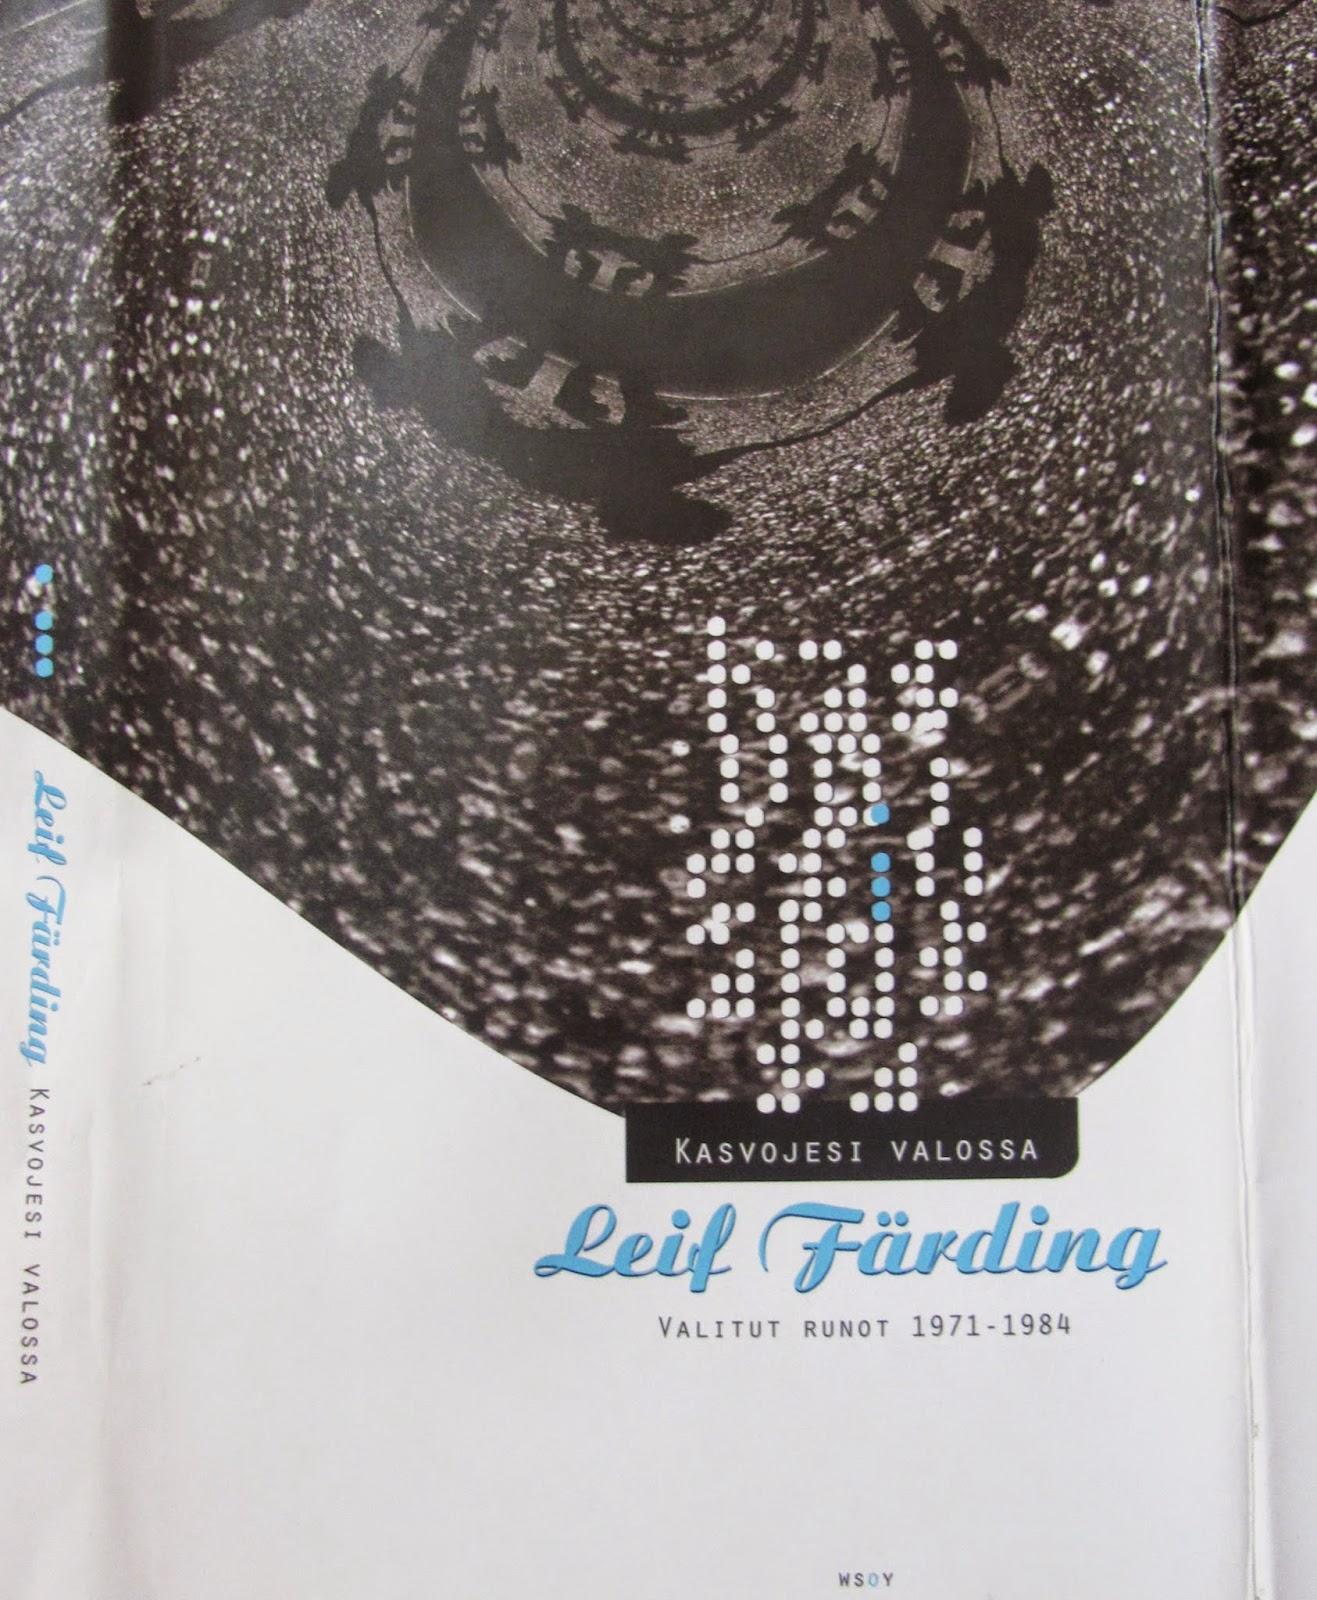 Leif Färding